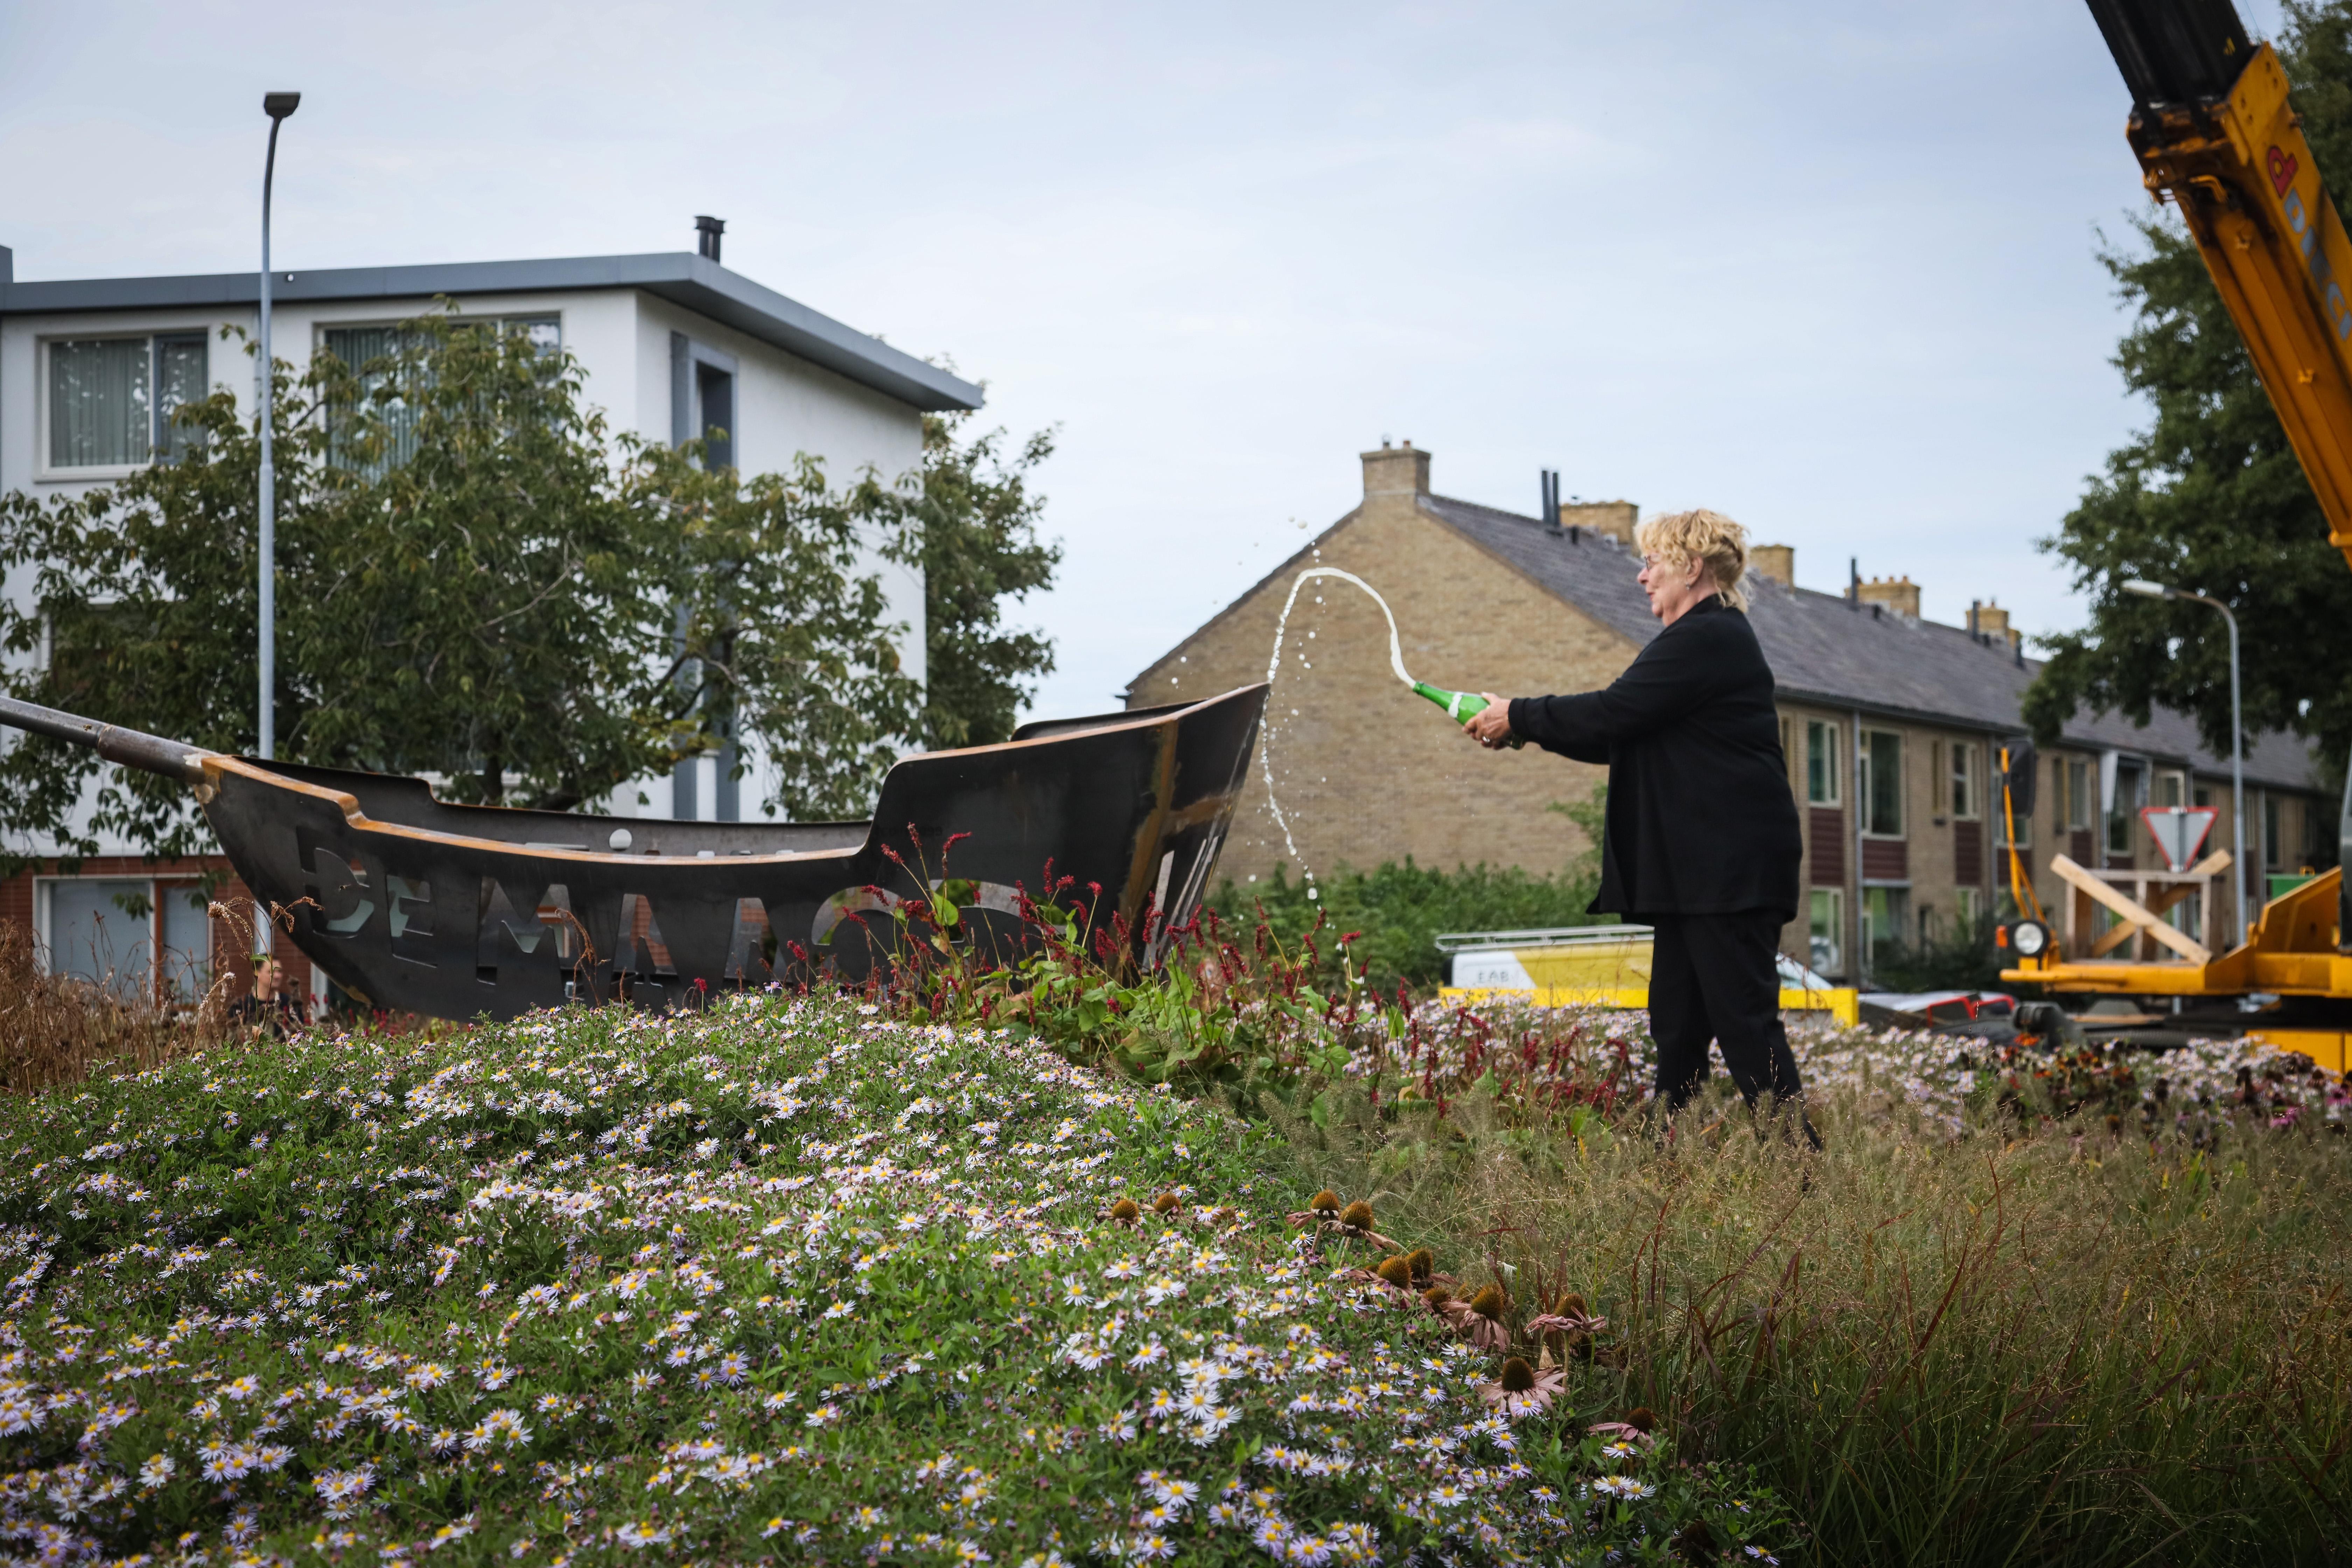 Stichting De Maagd van Enkhuizen onthult laatste beeld en heft zichzelf nu op